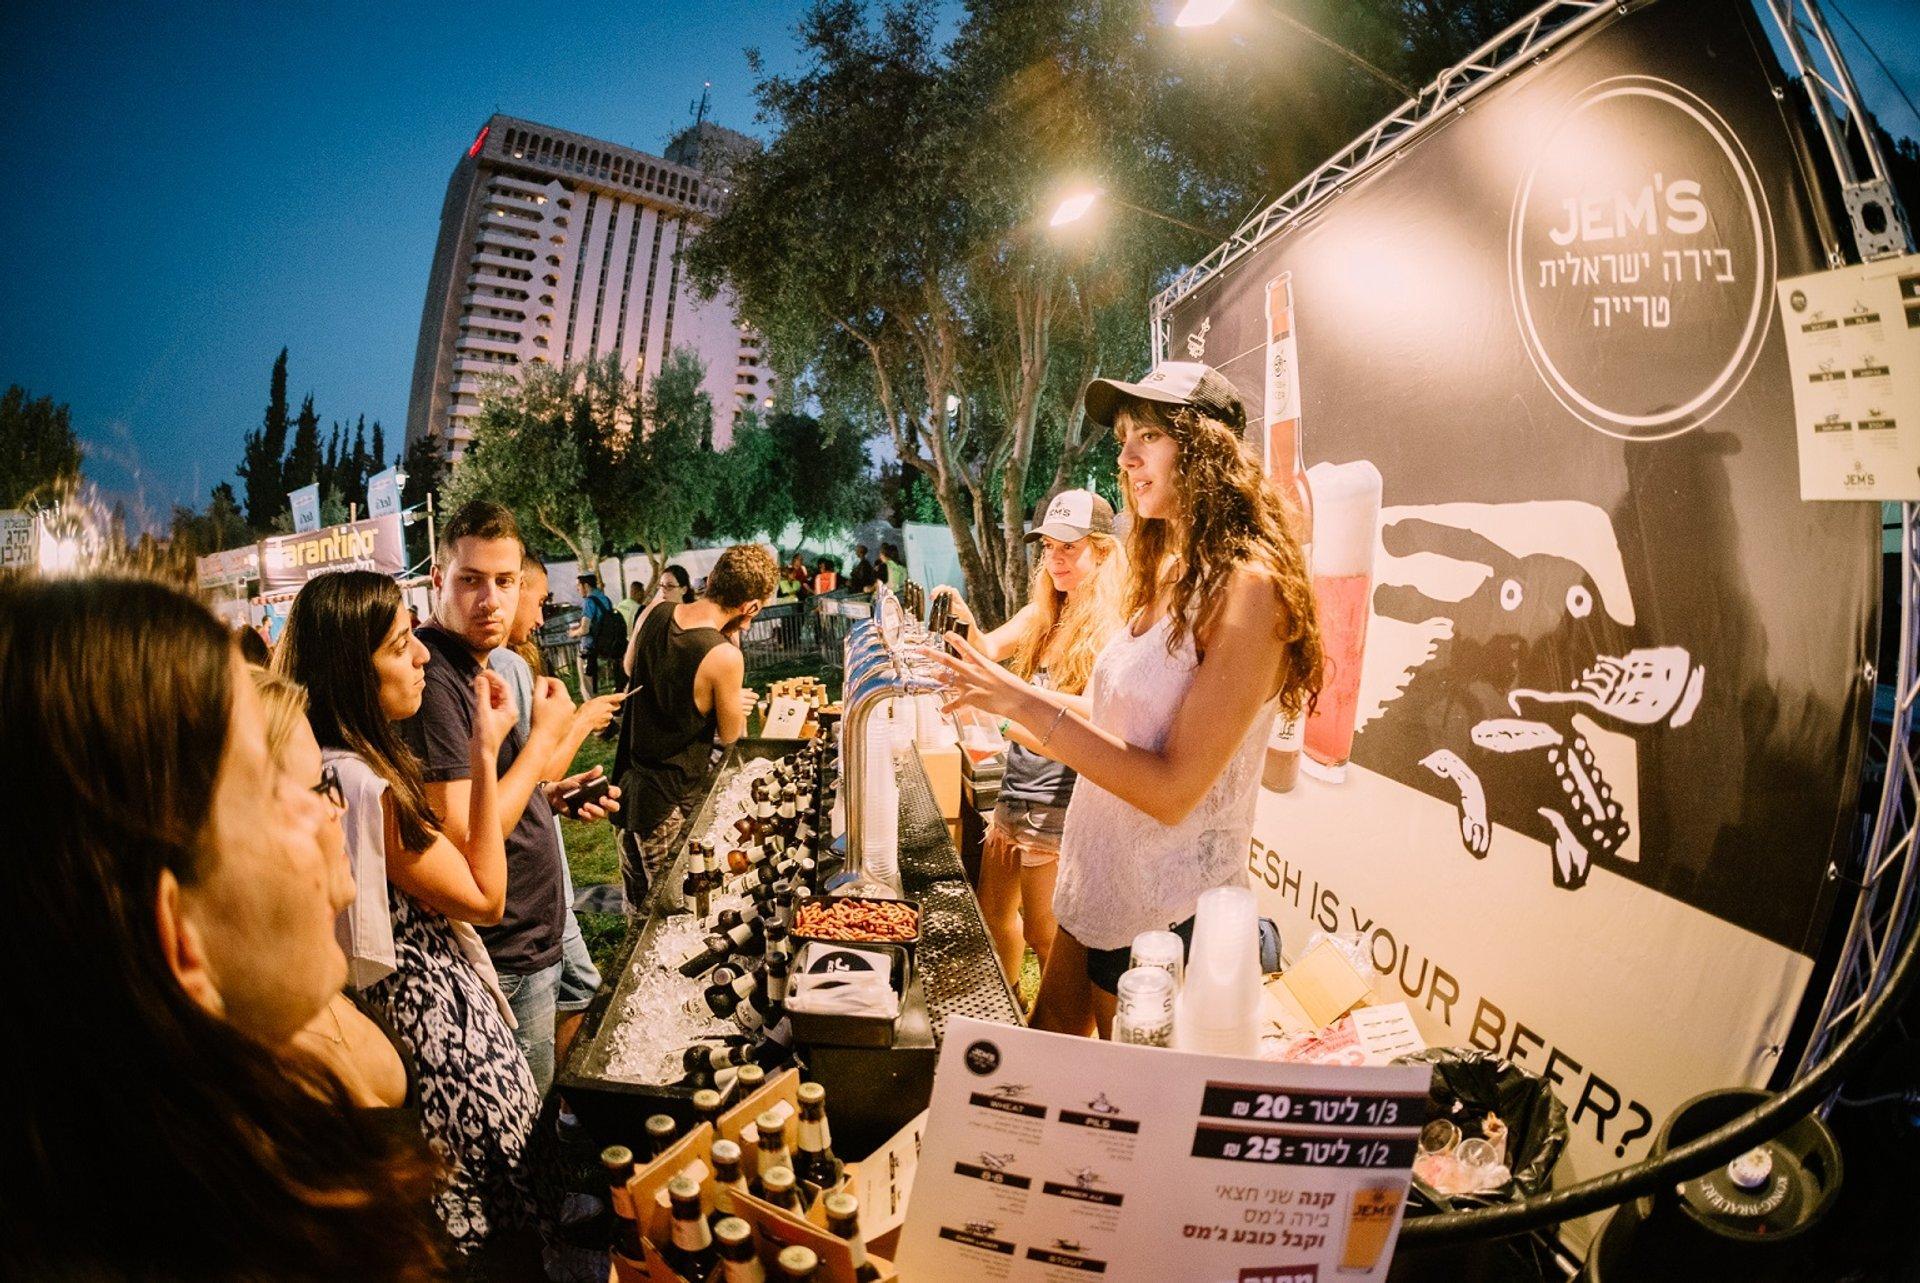 Jerusalem Beer Fest in Jerusalem 2020 - Best Time